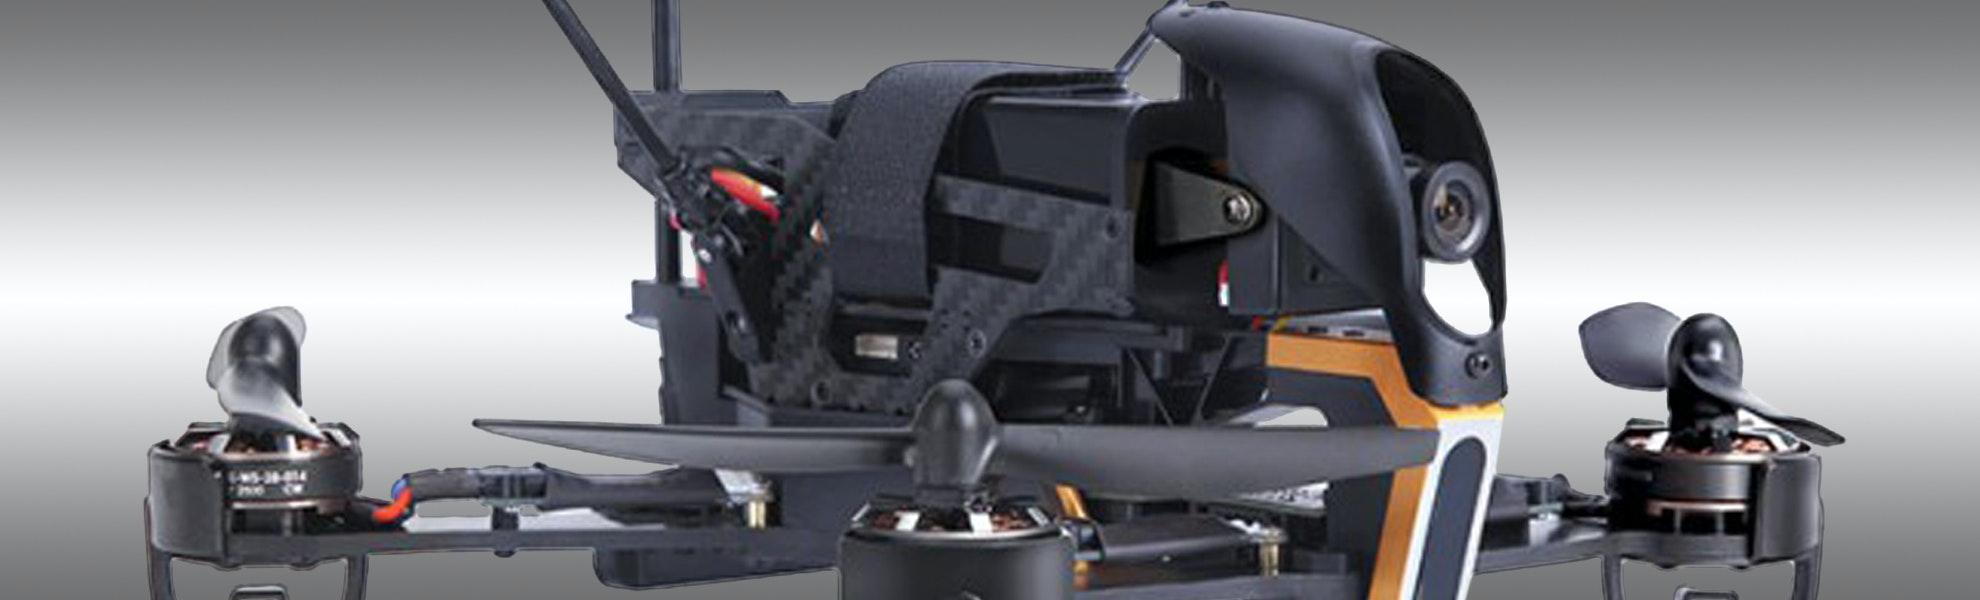 Walkera F210/3D FPV Professional Racing Drone RTF